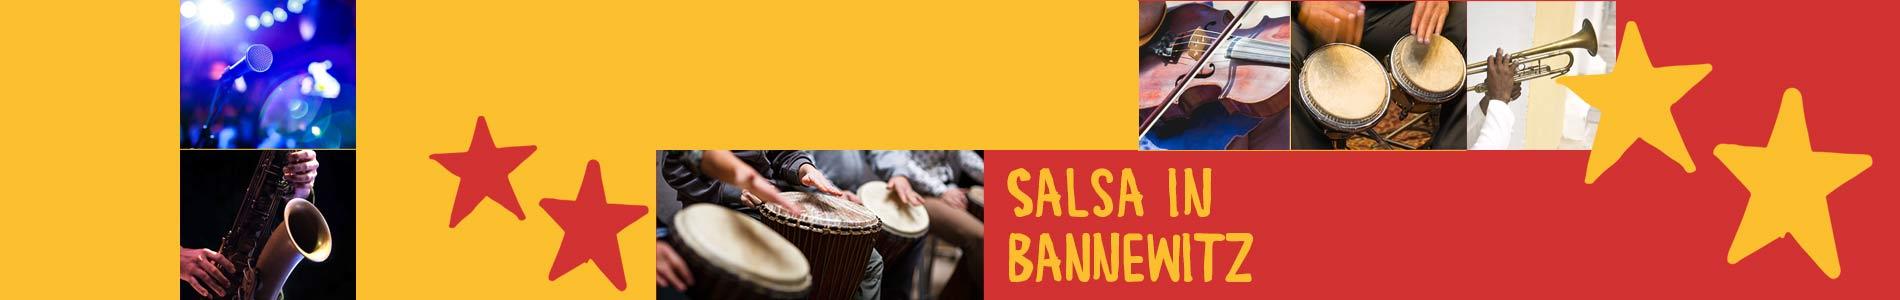 Salsa in Bannewitz – Salsa lernen und tanzen, Tanzkurse, Partys, Veranstaltungen